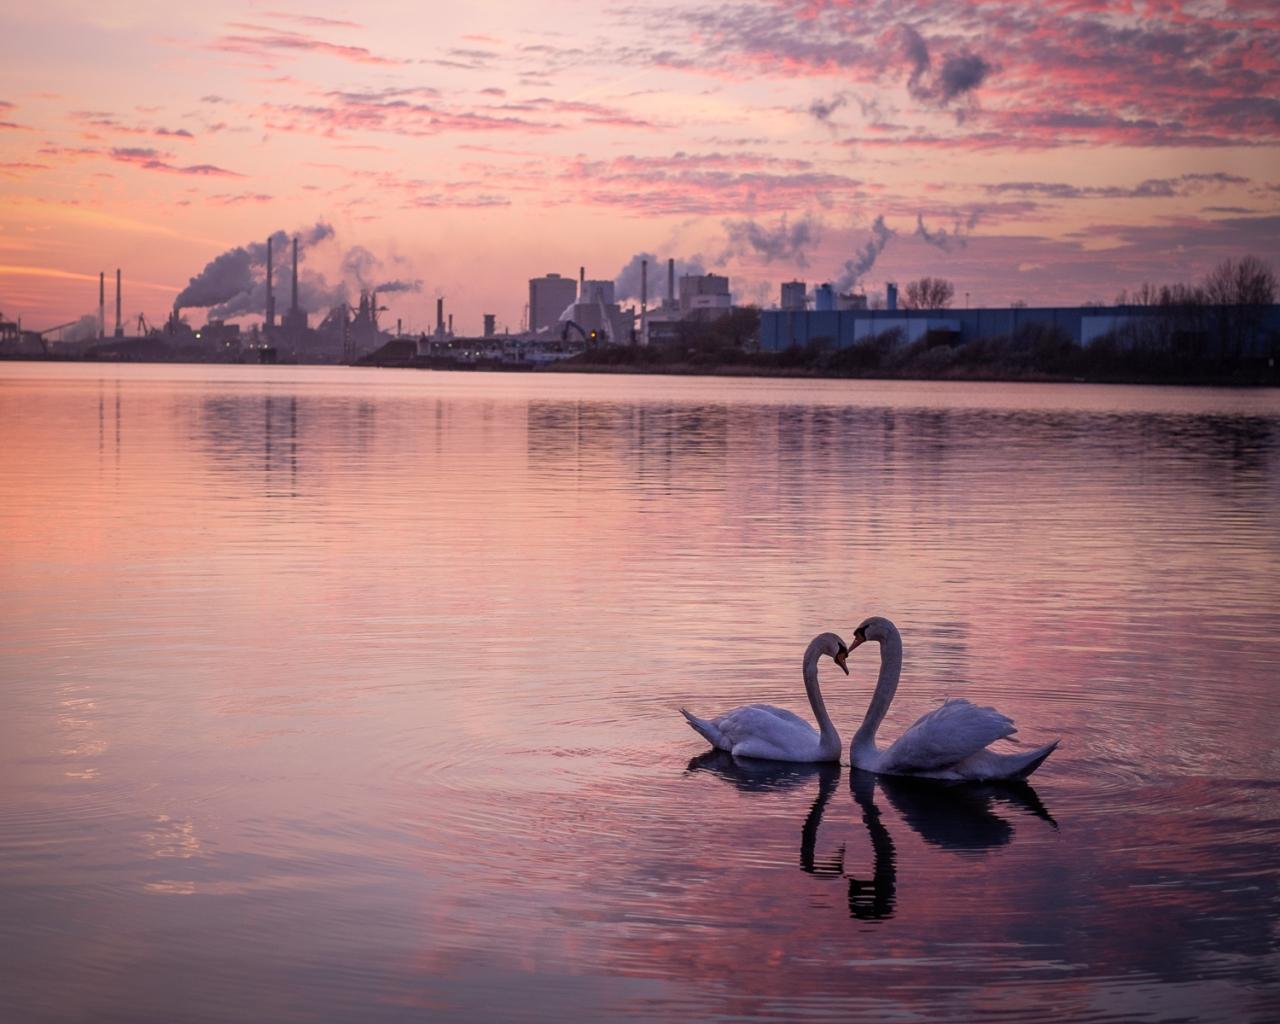 Pareja de Cisnes en forma de corazón - 1280x1024